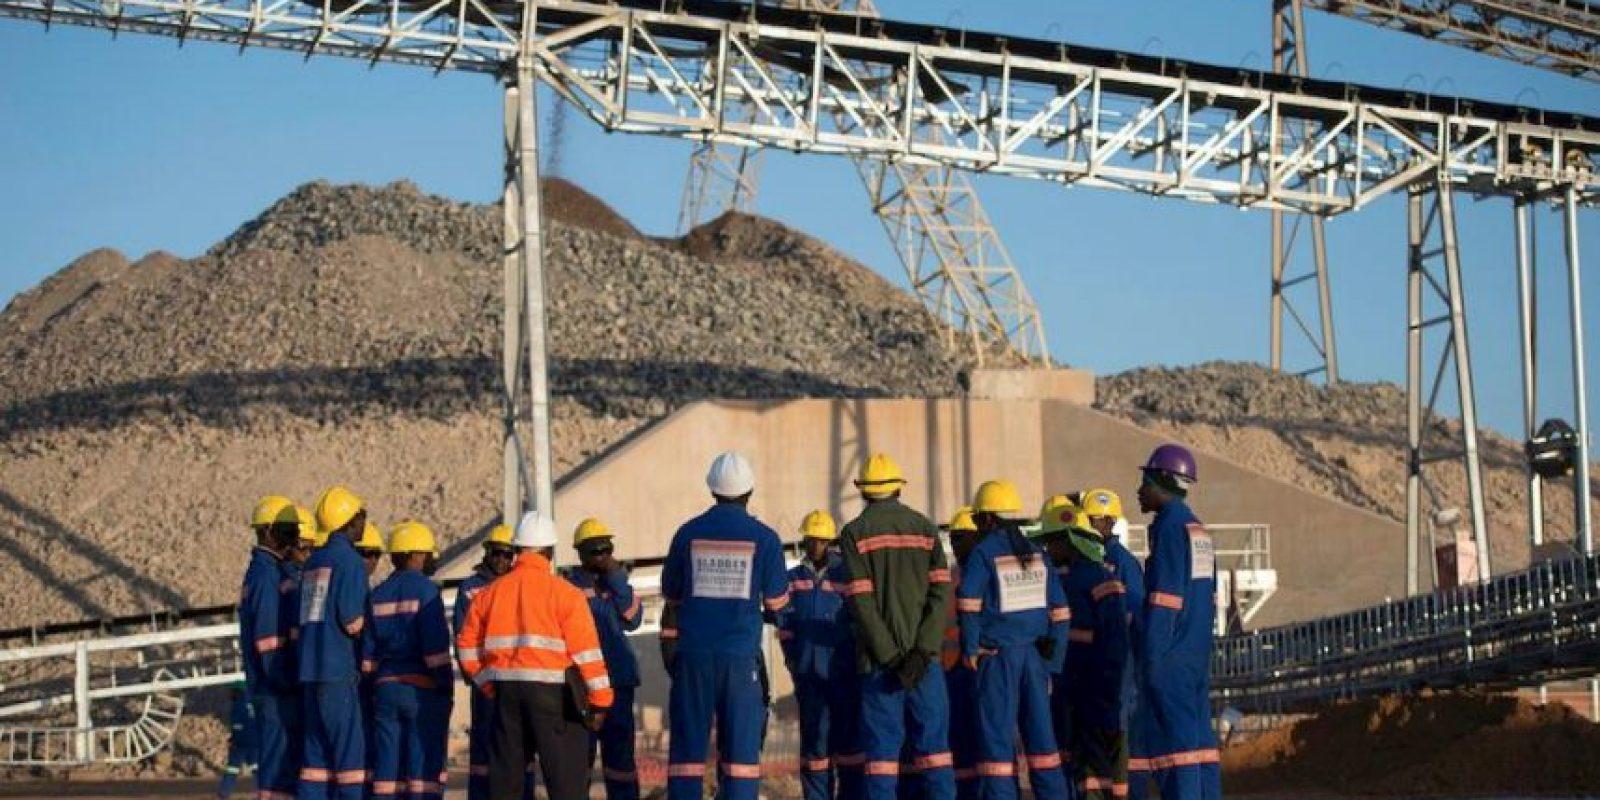 De acuerdo con Lucara Diamond, el mayor número de diamantes se encuentra en África. Foto:Vía facebook.com/LucaraDiamondCorporation